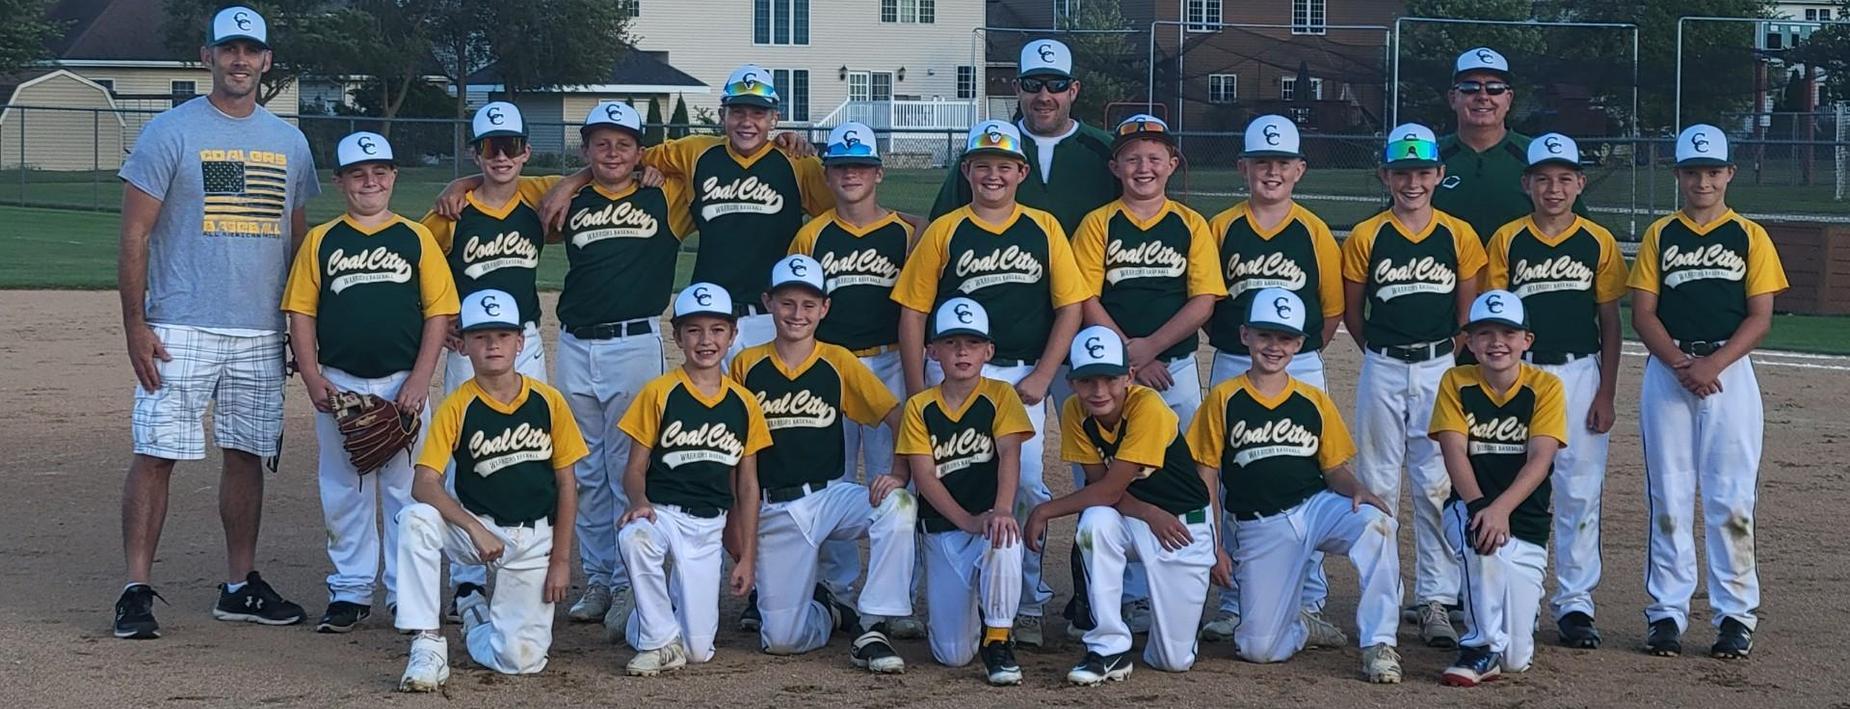 Coal City Middle School Baseball